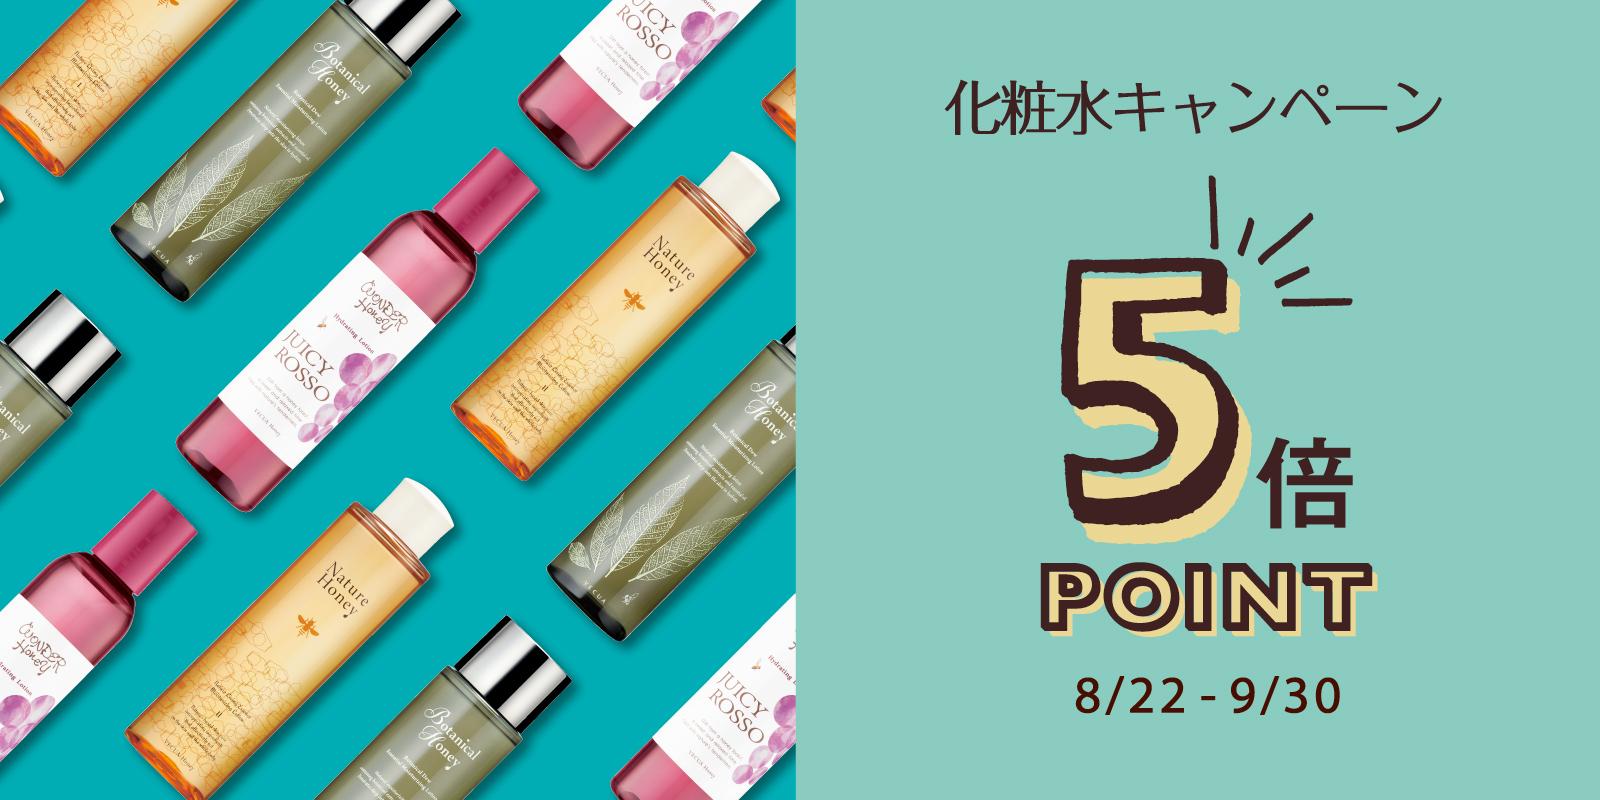 化粧水ポイント5倍キャンペーン